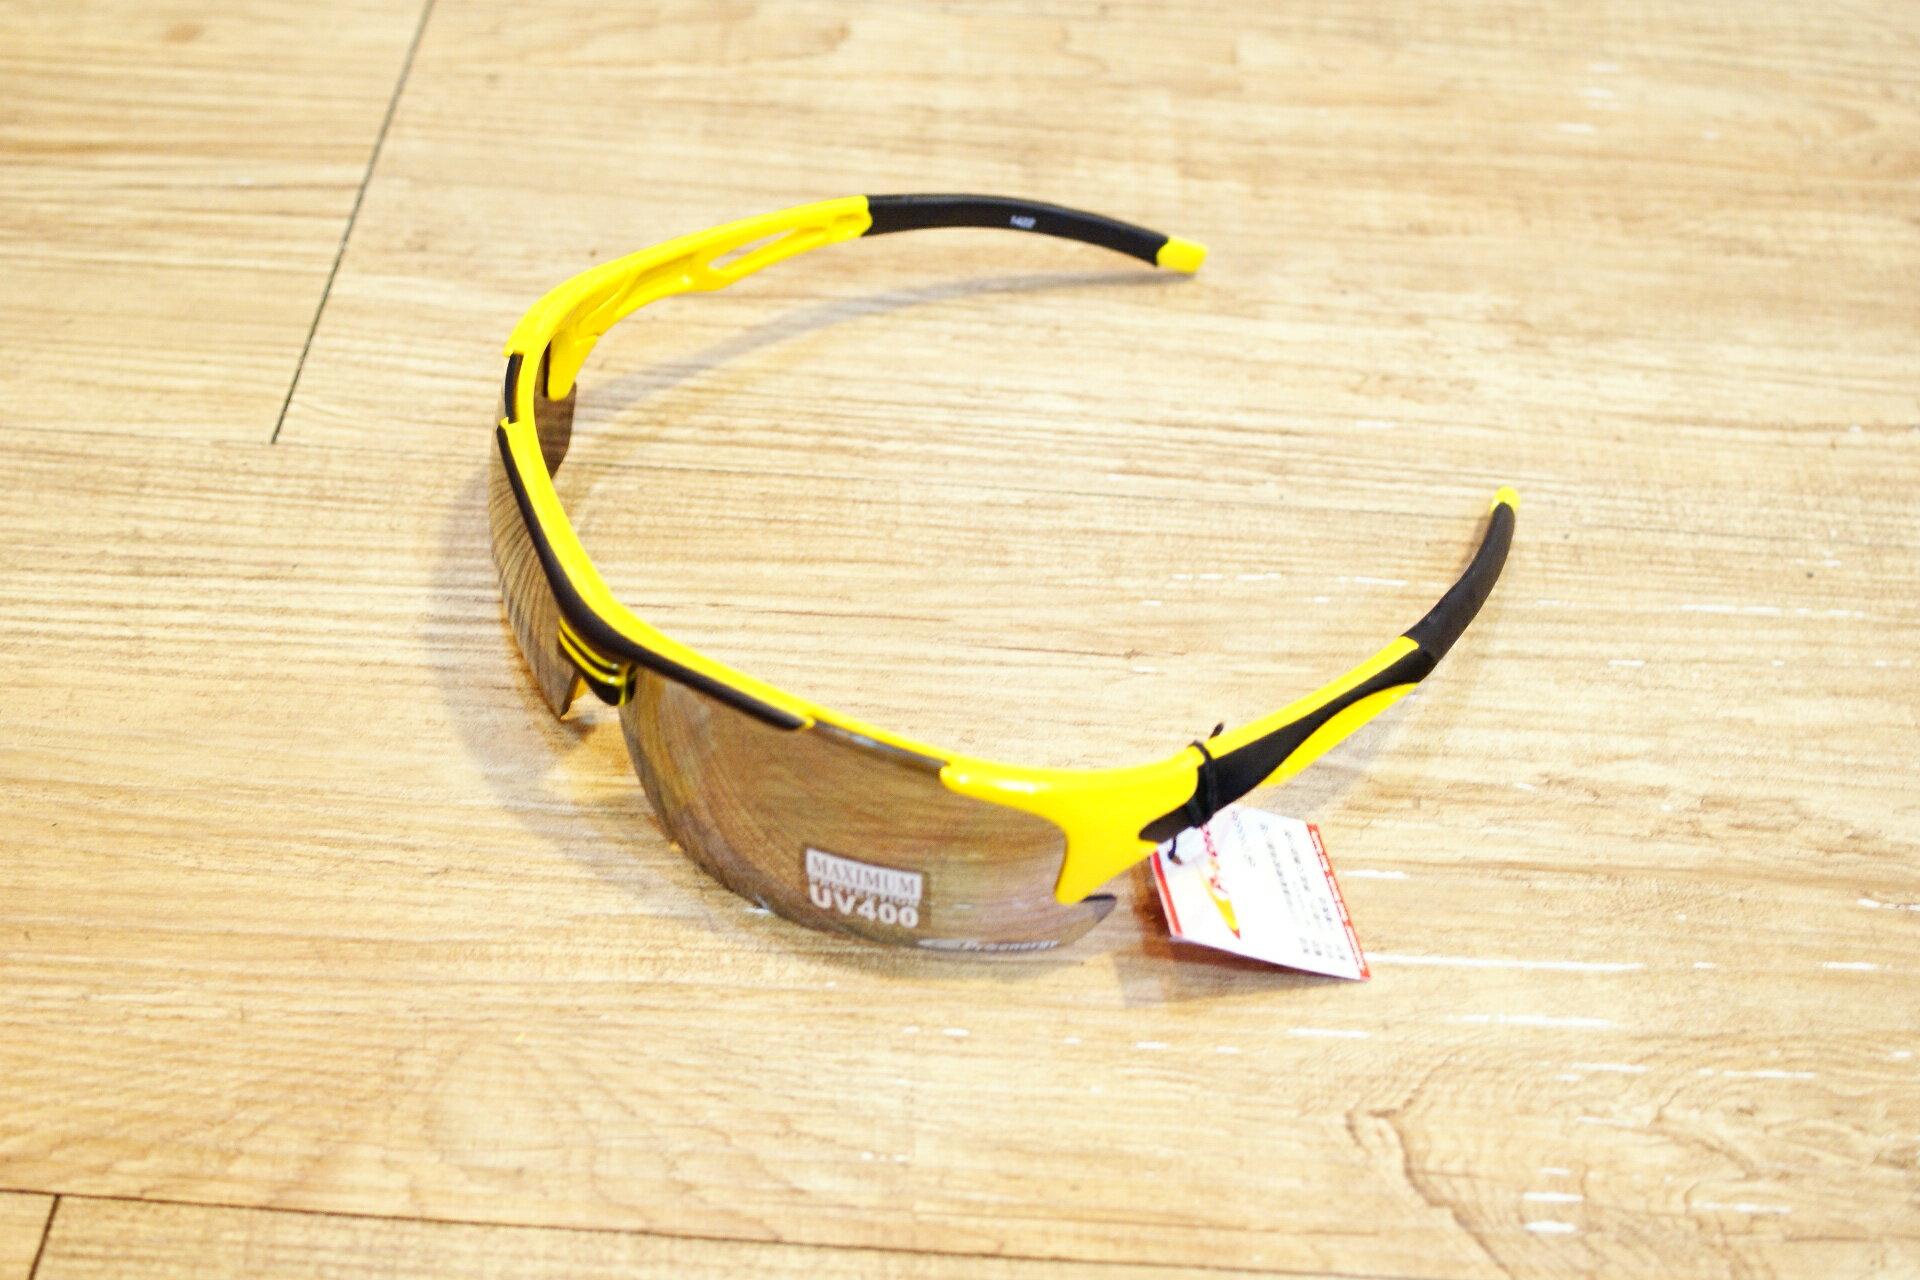 棒球世界 pro energy太陽眼鏡 特價 最新款